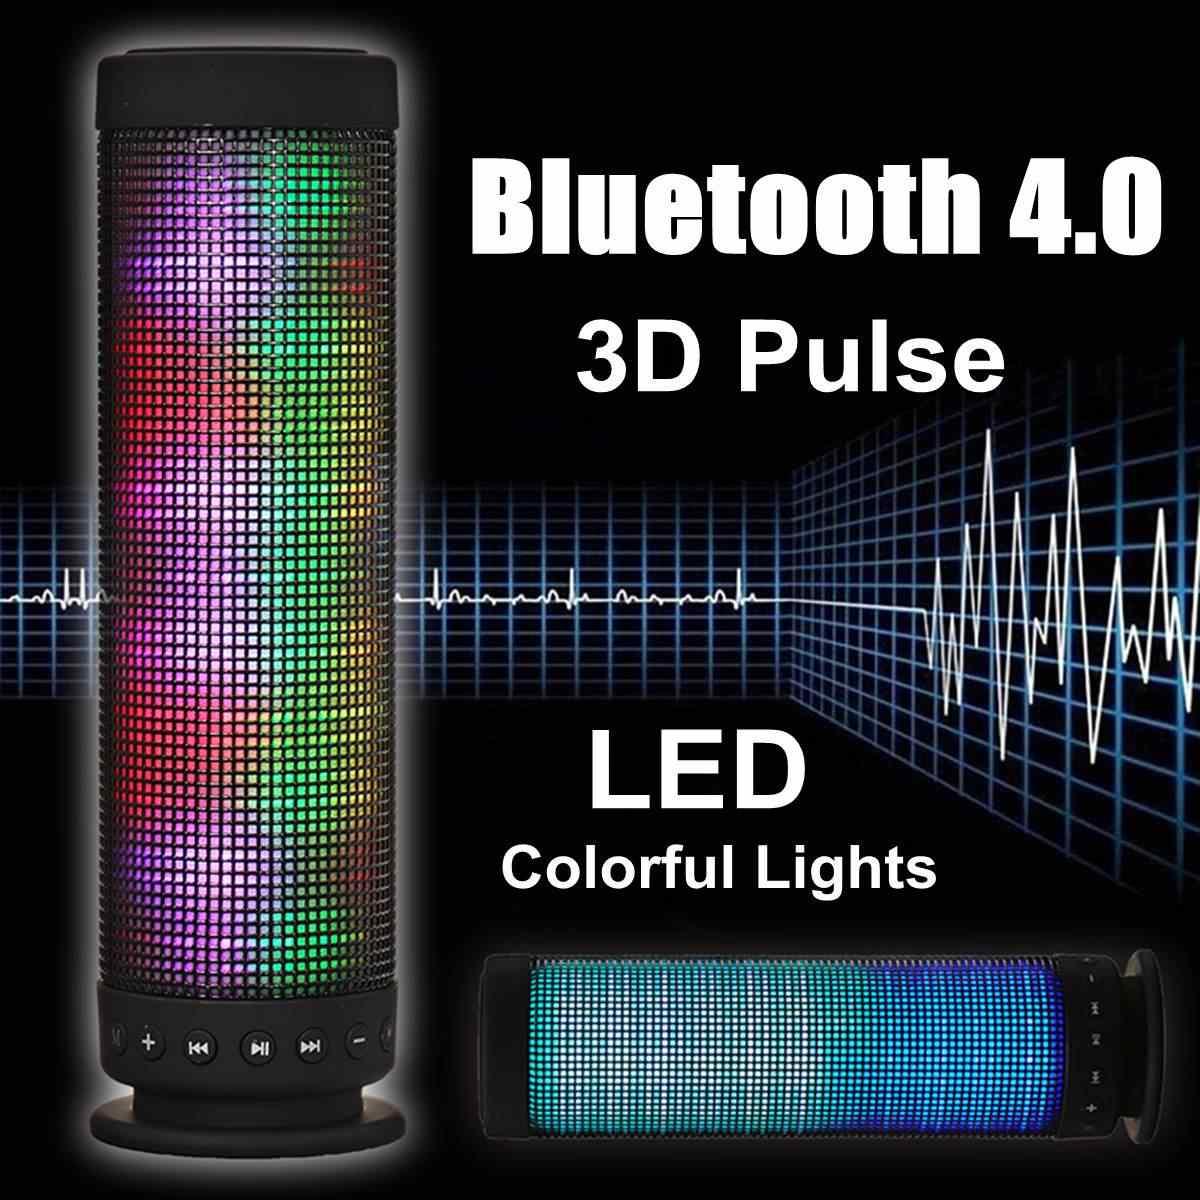 ポータブル 3D パルス 4.0 ワイヤレス bluetooth スピーカー Led ライトカラフルな音楽 TF カード NFC 3.5 ミリメートル Aux ハンズフリーステレオ金属スピーカー